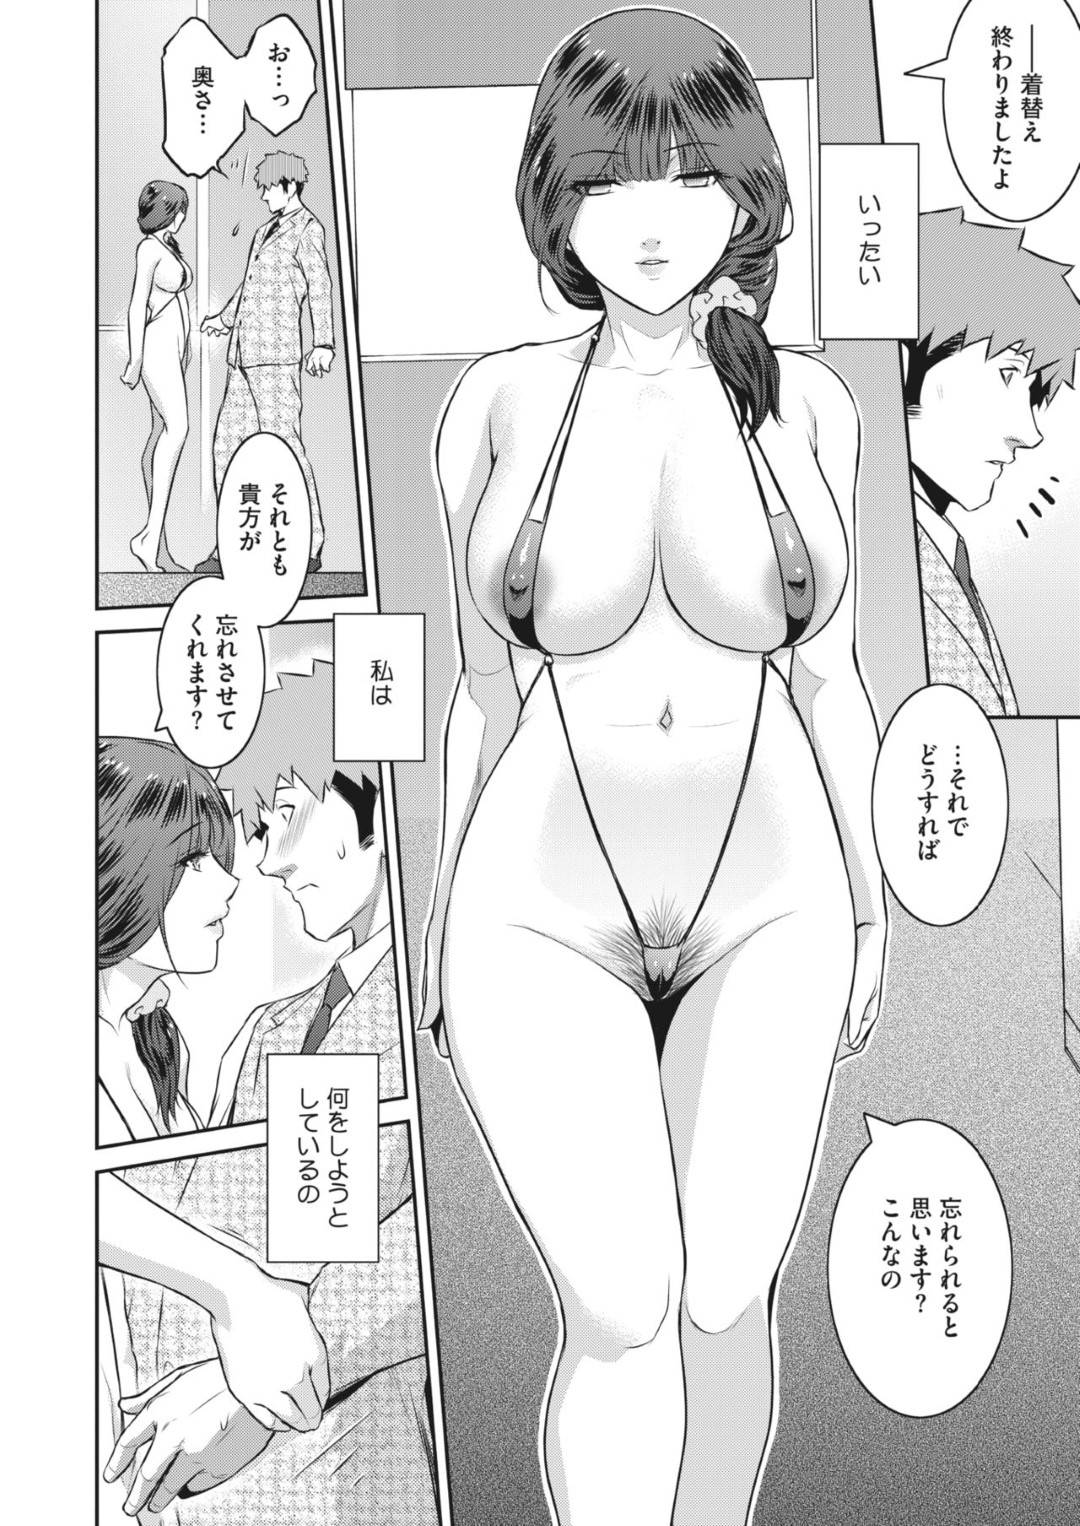 【エロ漫画】部長のチンポをしゃぶって不倫しているところを若手社員に見られてしまった熟女OL。フェラだけで生殺し状態になった彼女は二人きりの会議室で彼とも不倫セックスしてしまう。